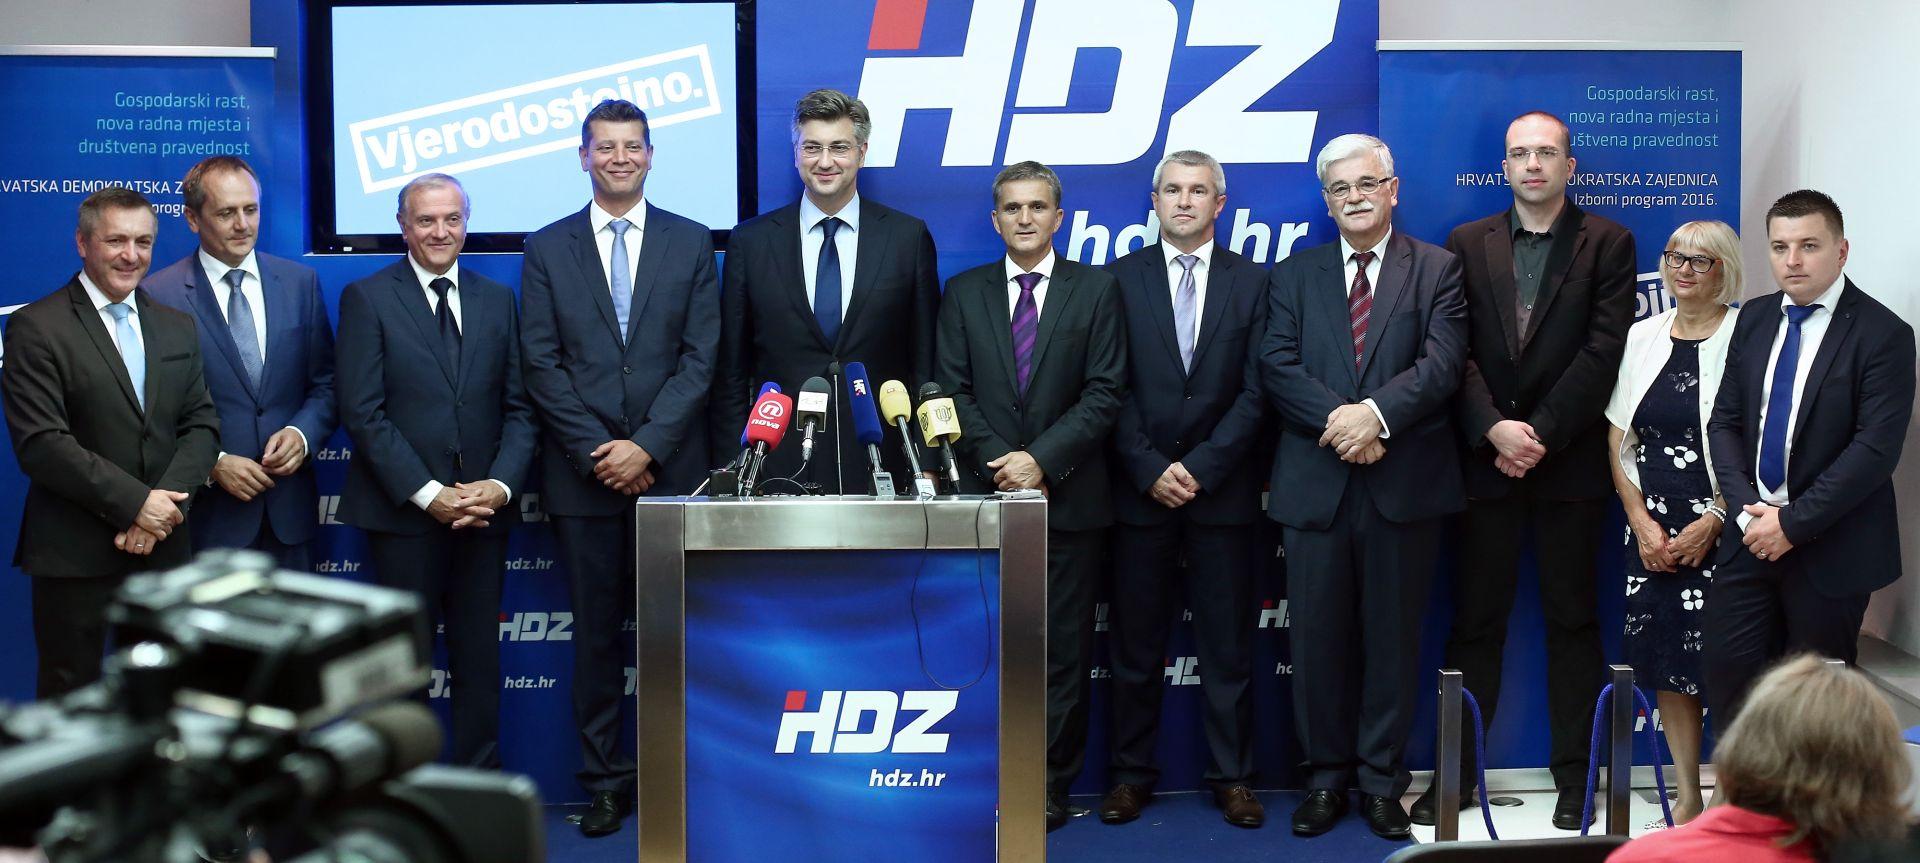 """PLENKOVIĆ """"HDZ ima kandidata barem za dvije, tri vlade"""""""